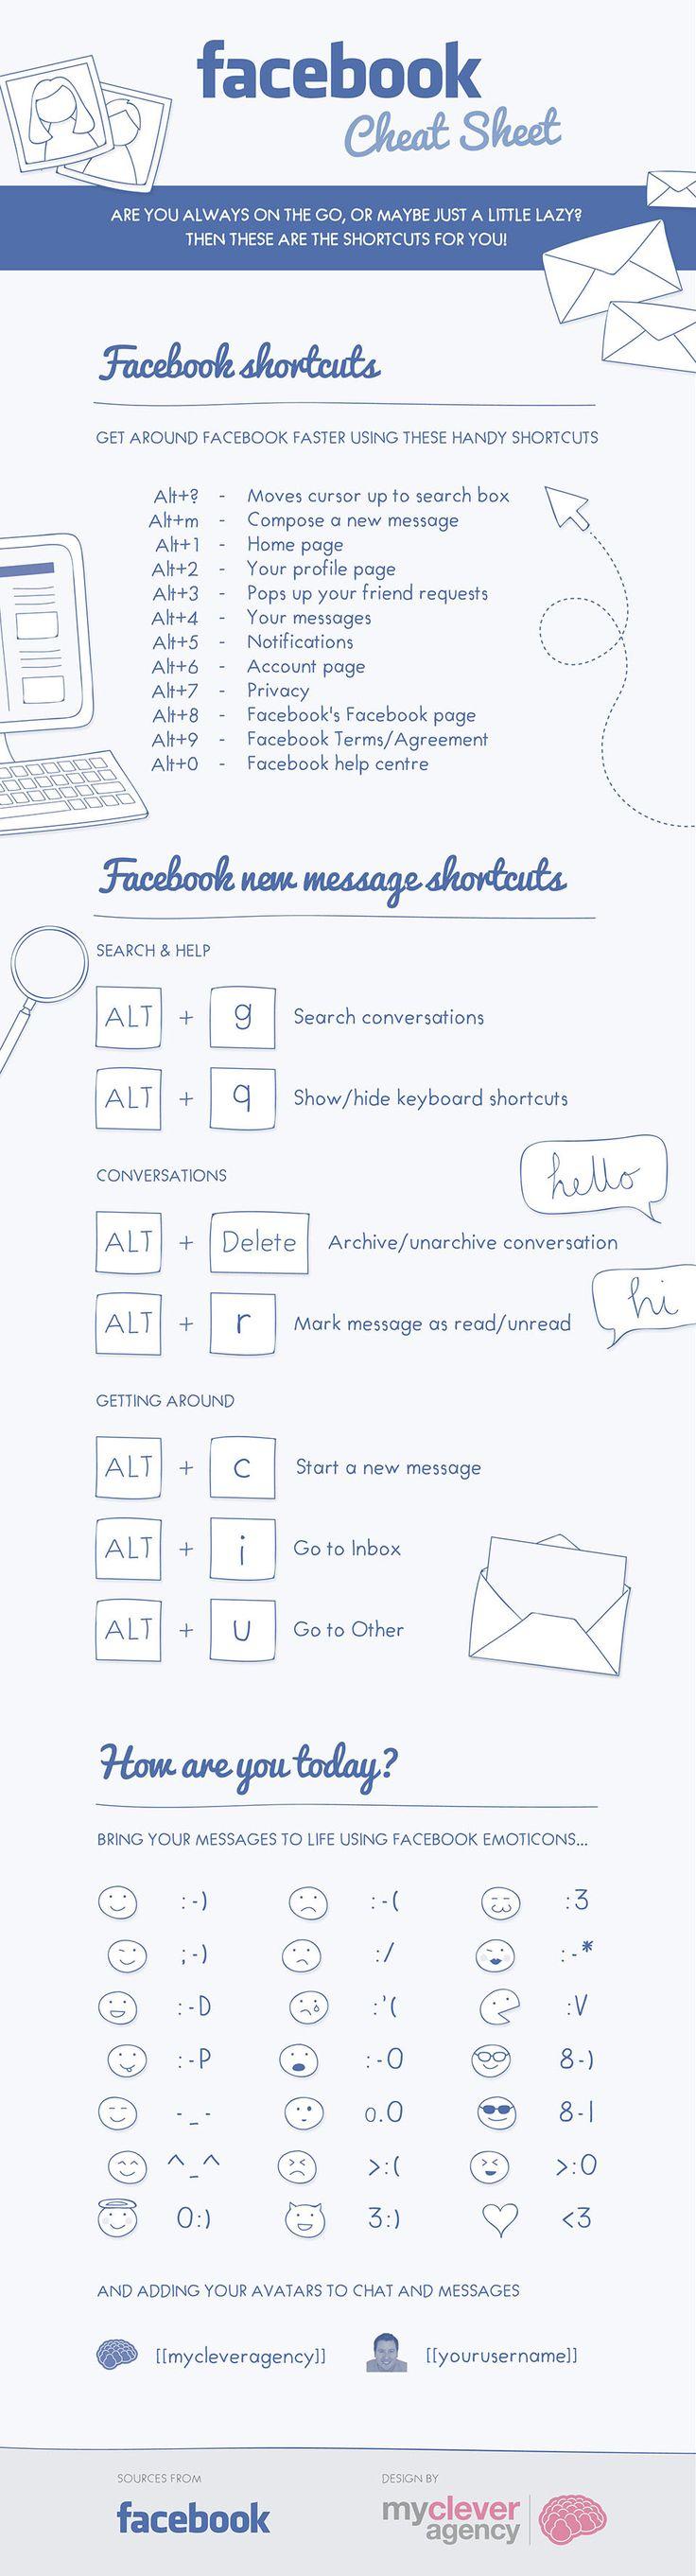 Facebook Cheat Sheet